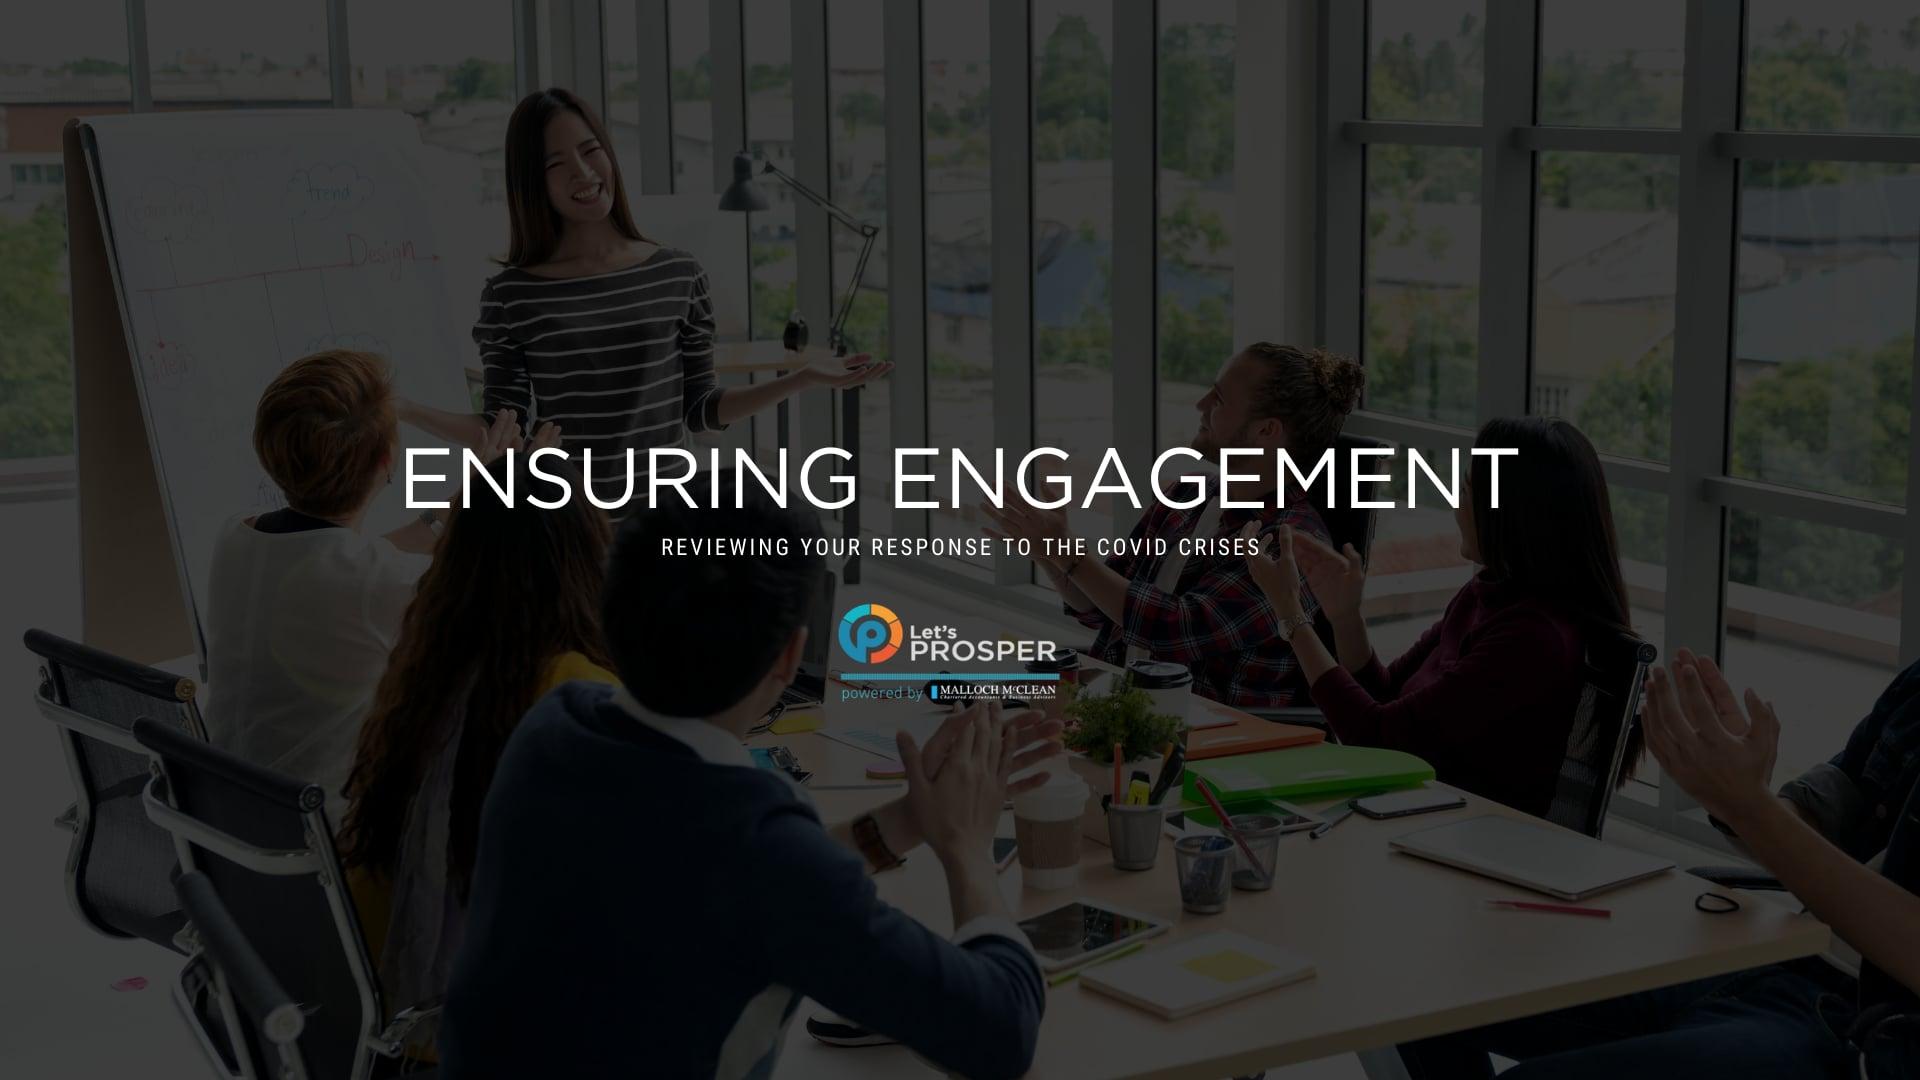 Ensuring Engagement